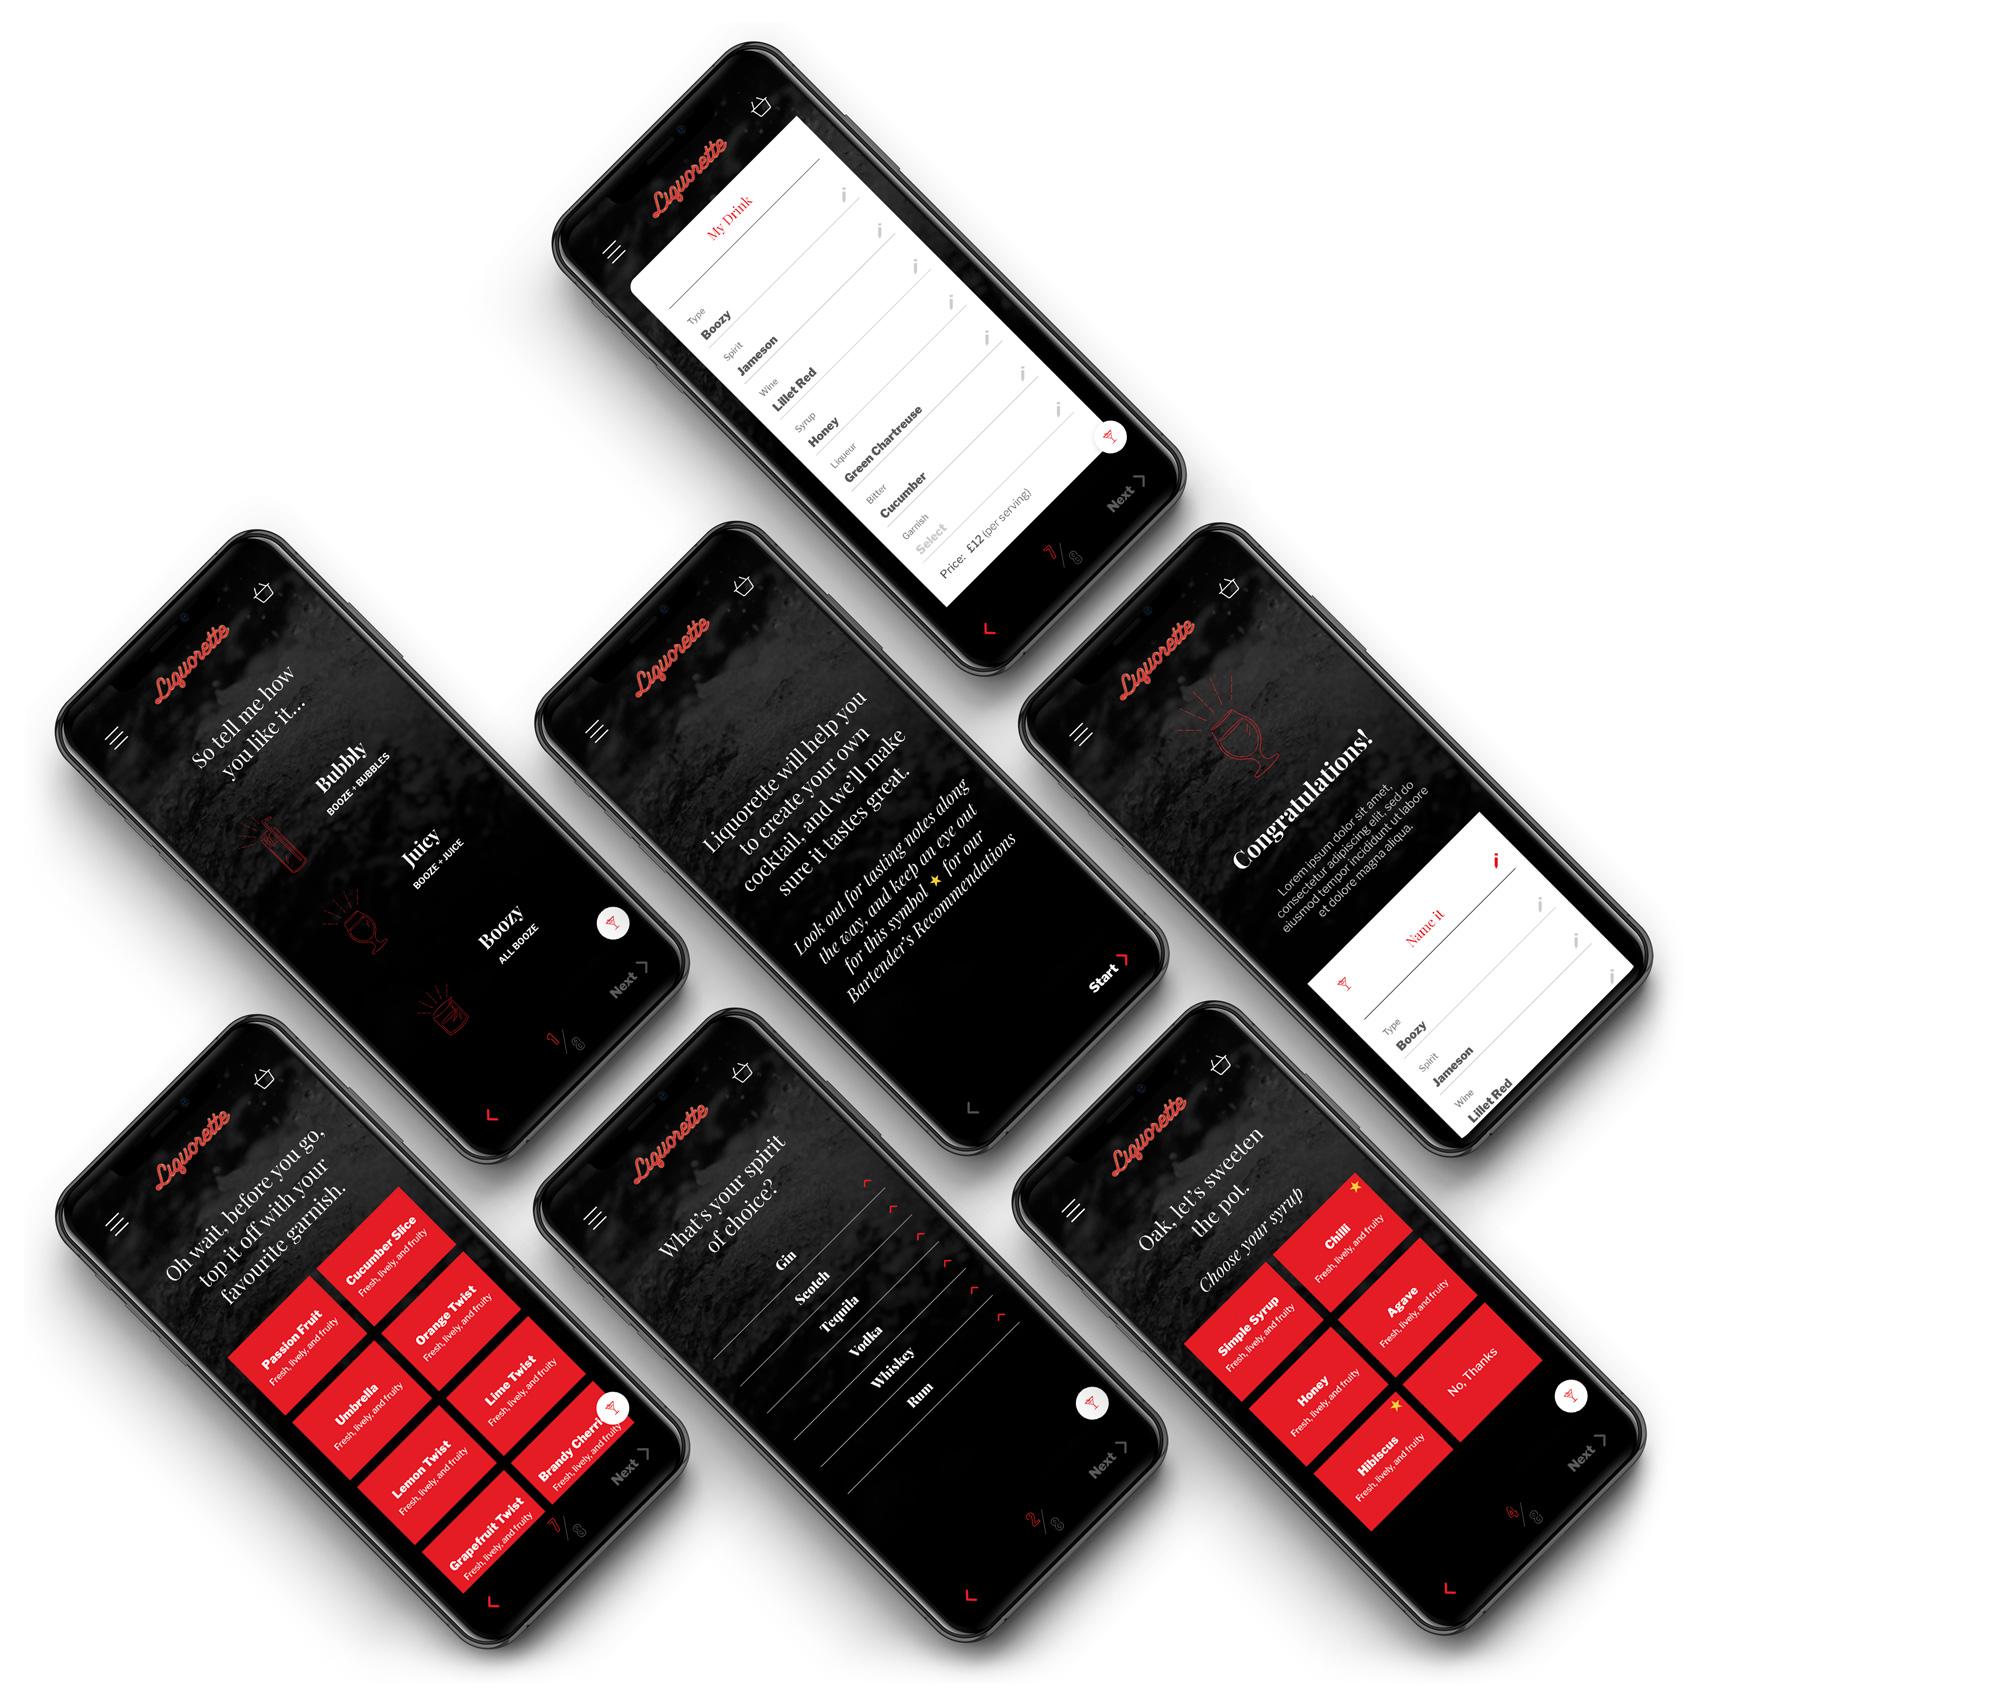 smartphones displaying app design